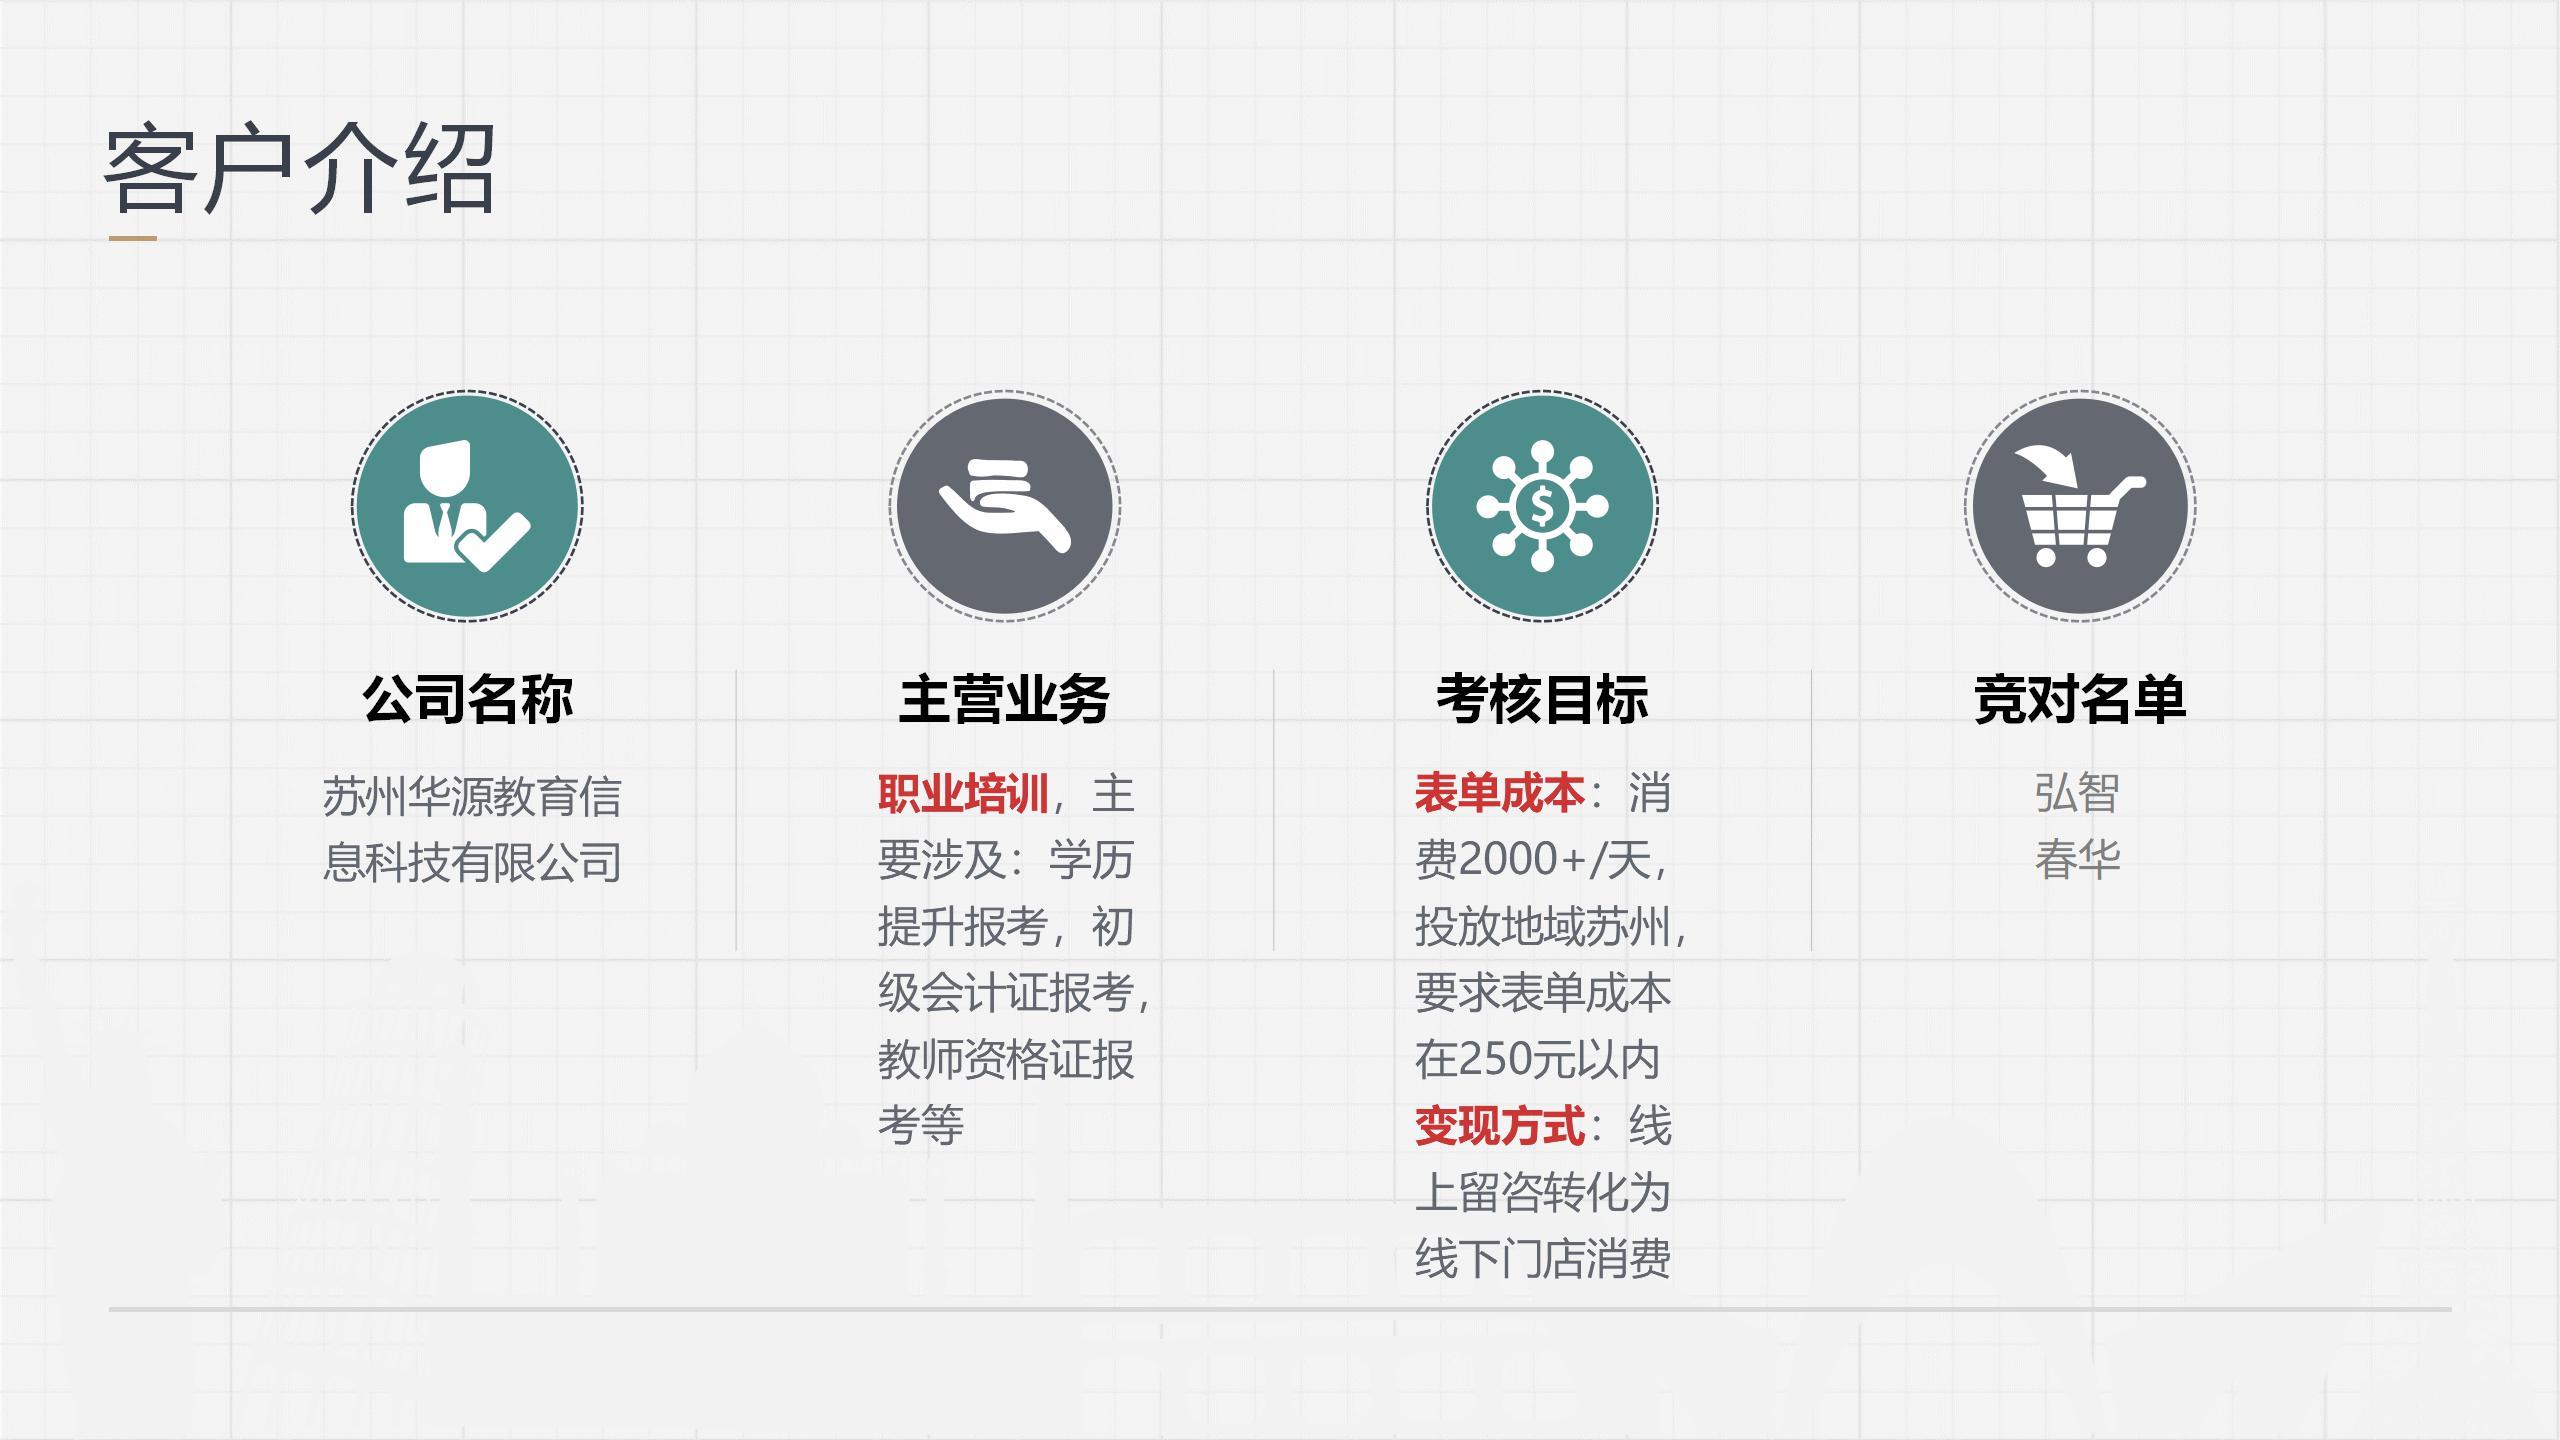 教育培训【直销】上苏-华源教育案例脱敏版未删减._04.jpg